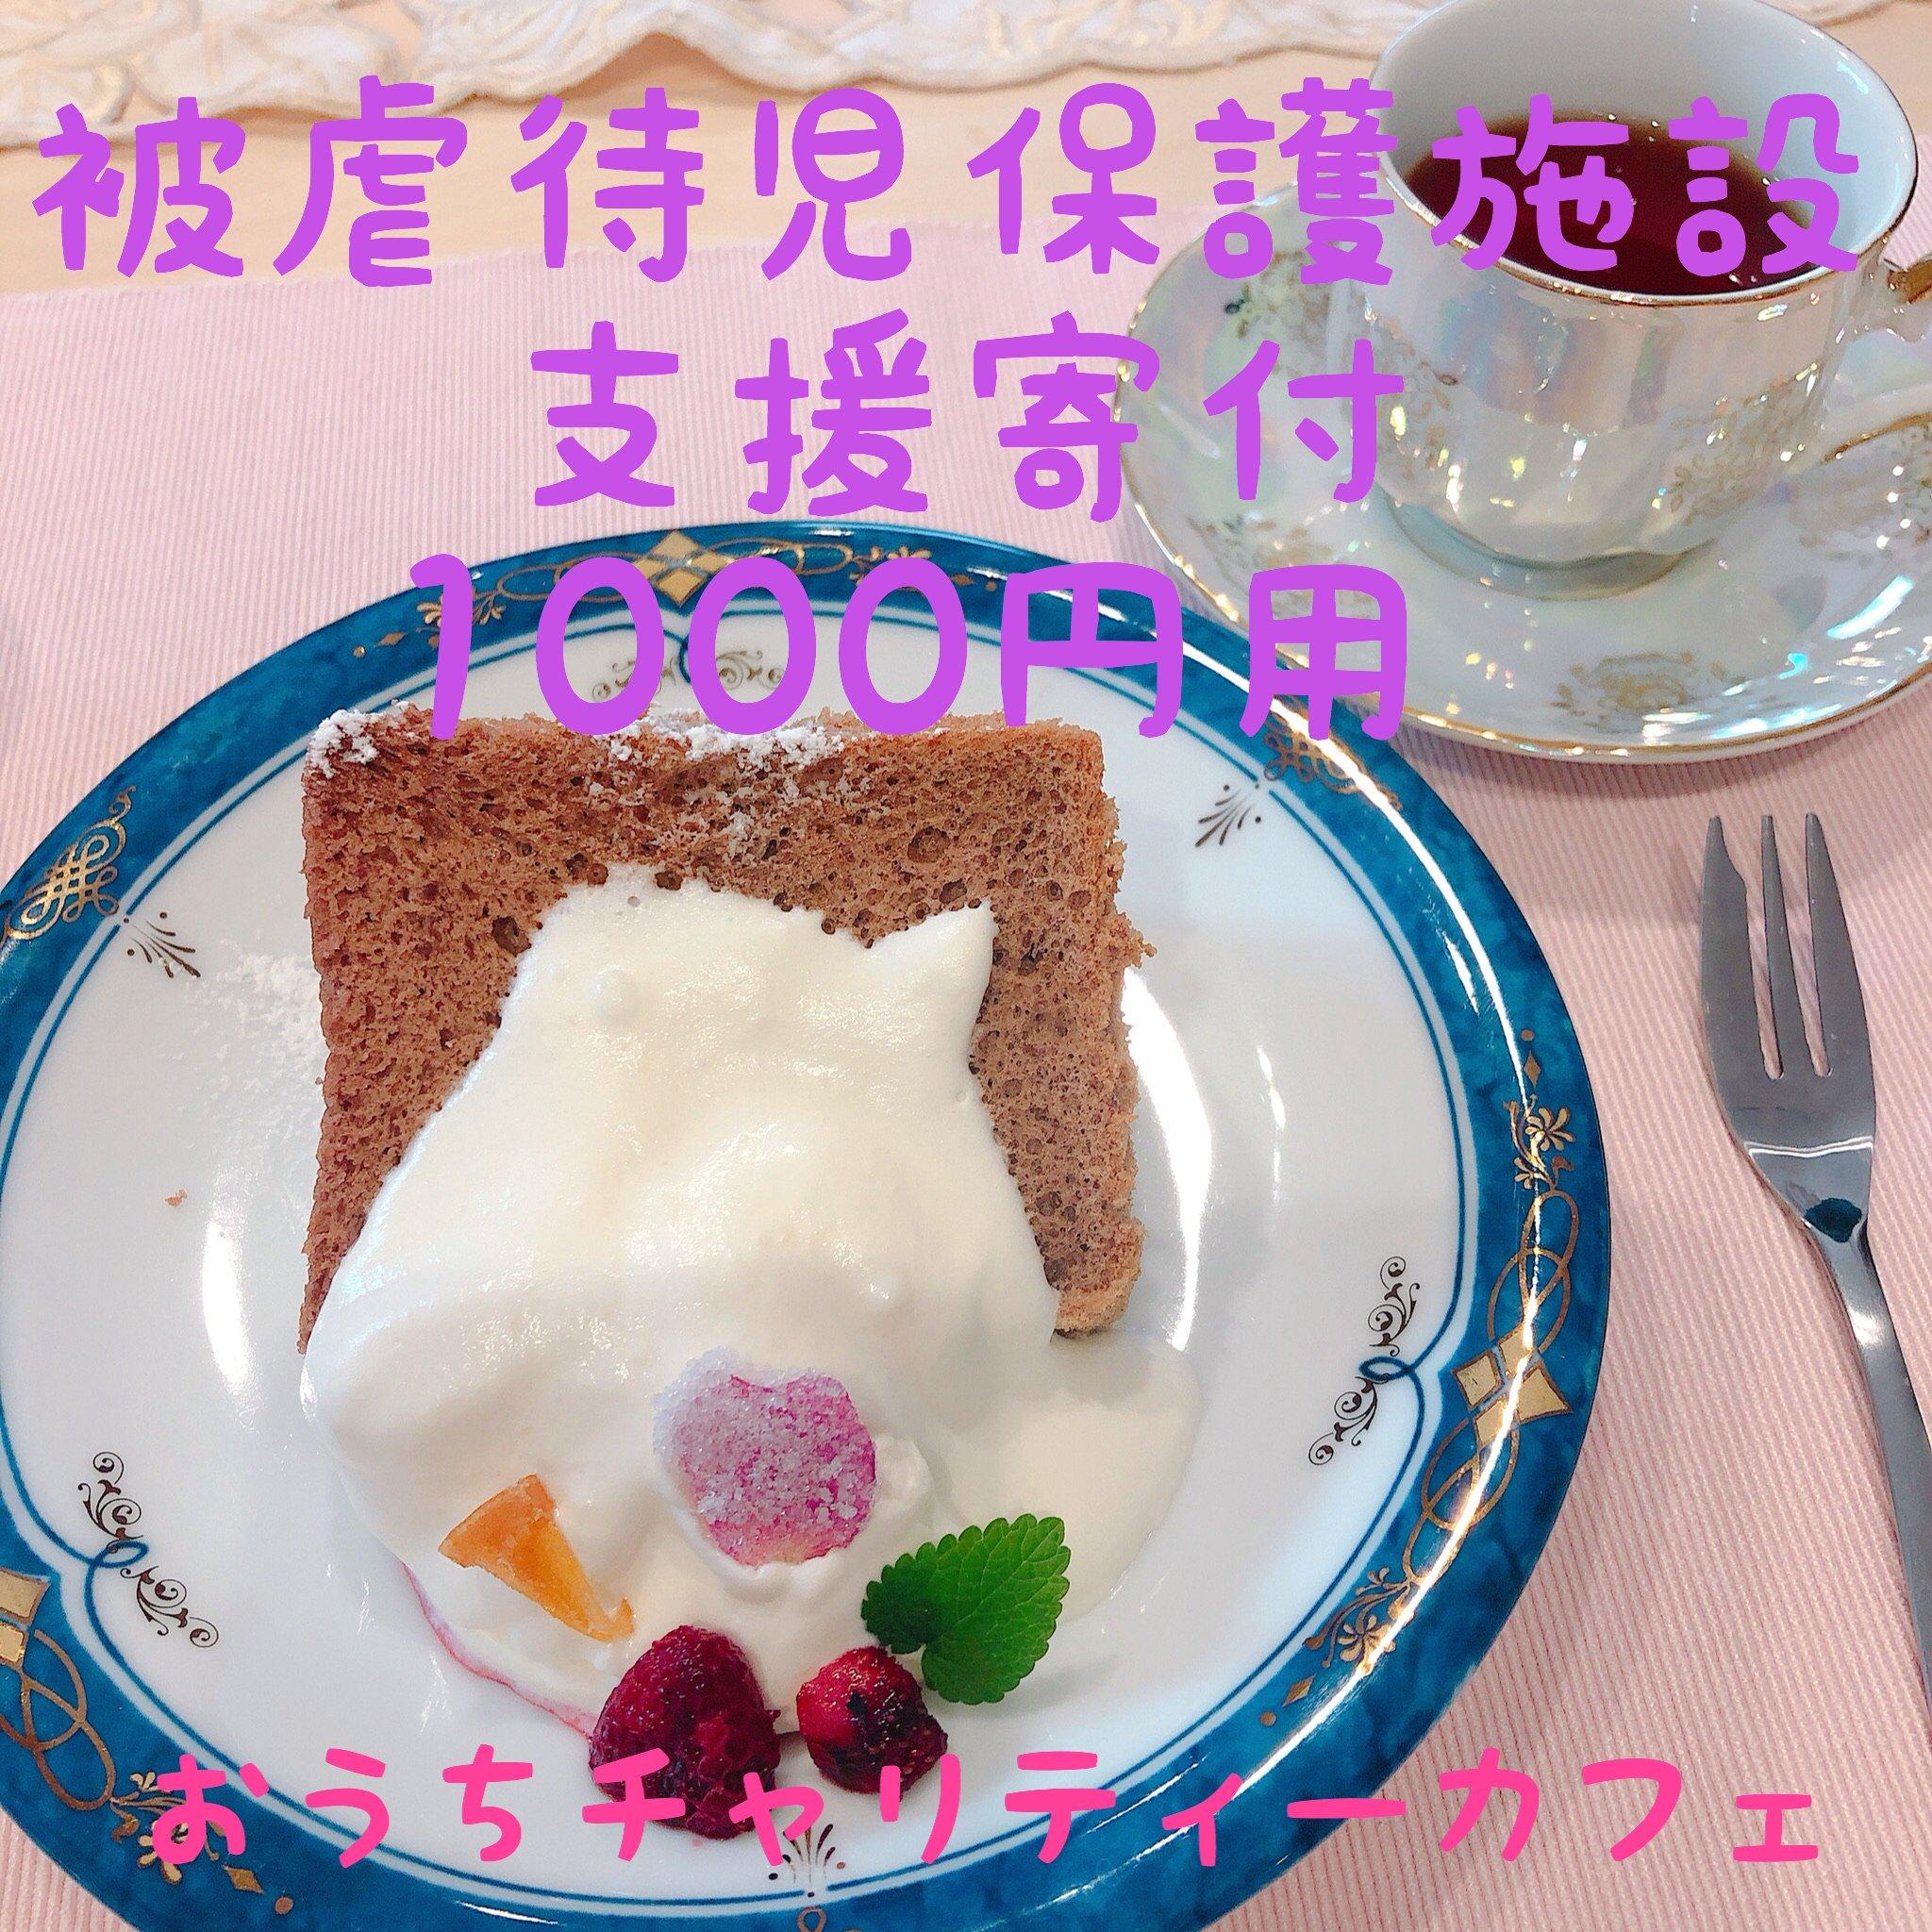 被虐待児保護施設支援の寄付1000円(おうちチャリティーカフェ)のイメージその1